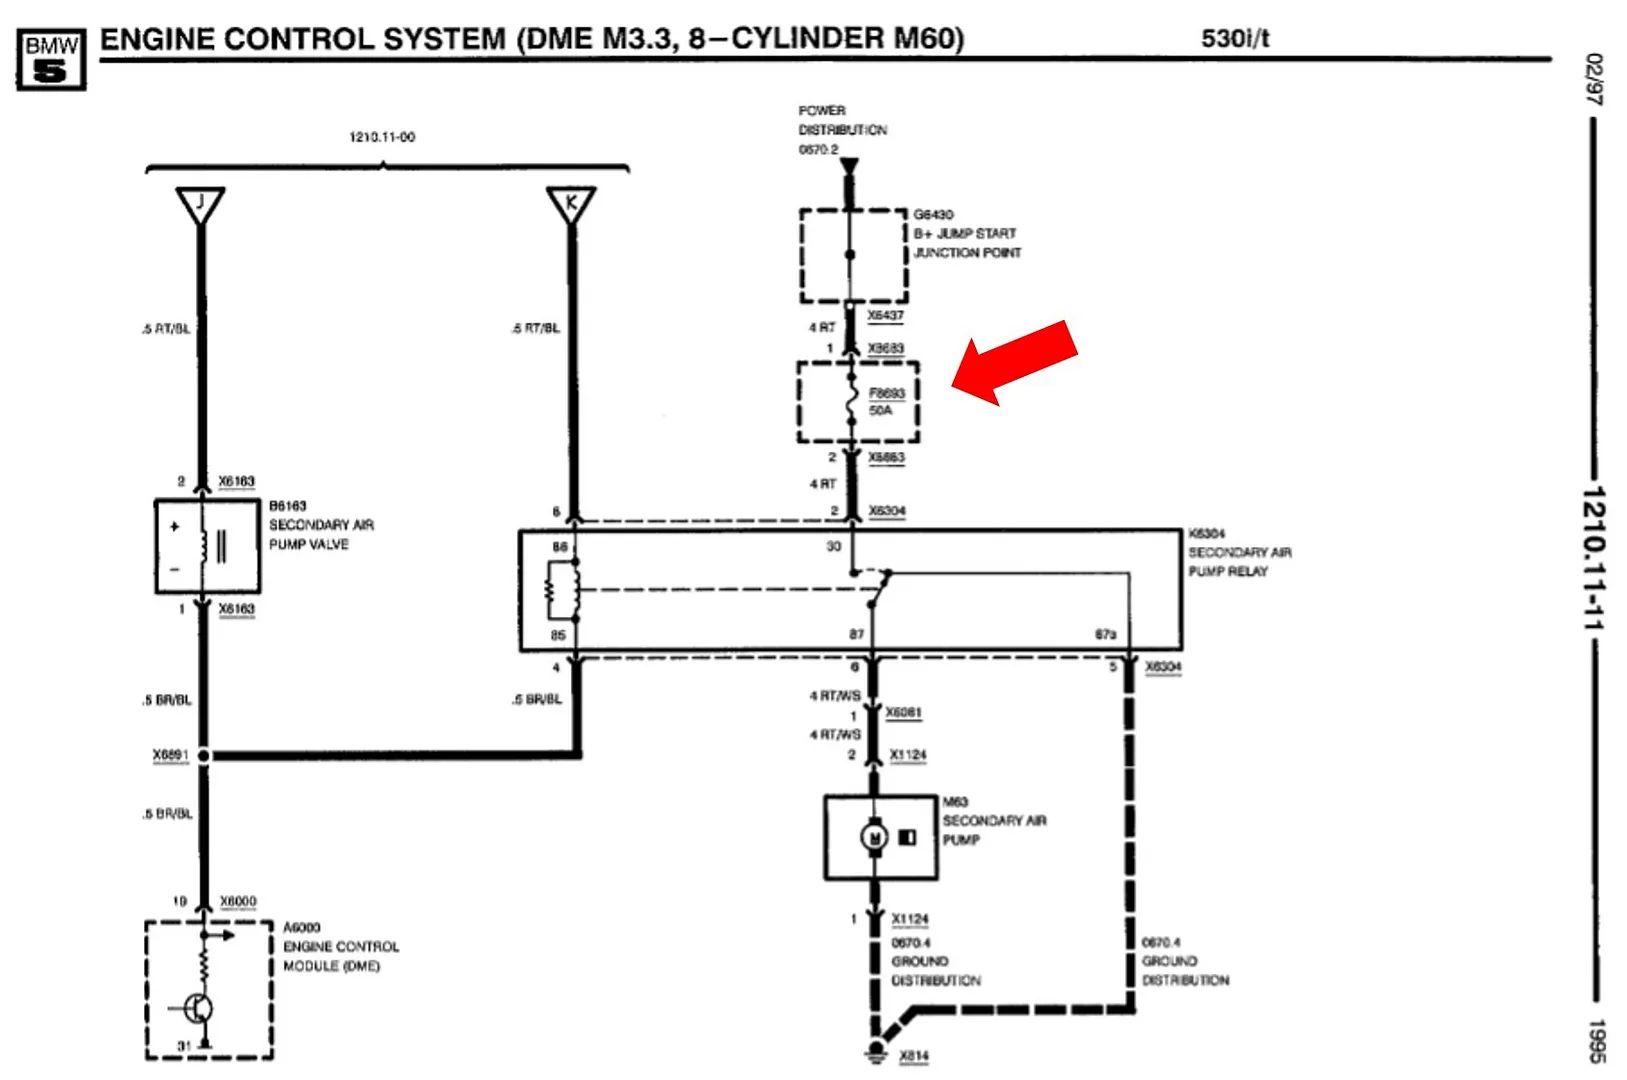 amp wire harness bmw e38